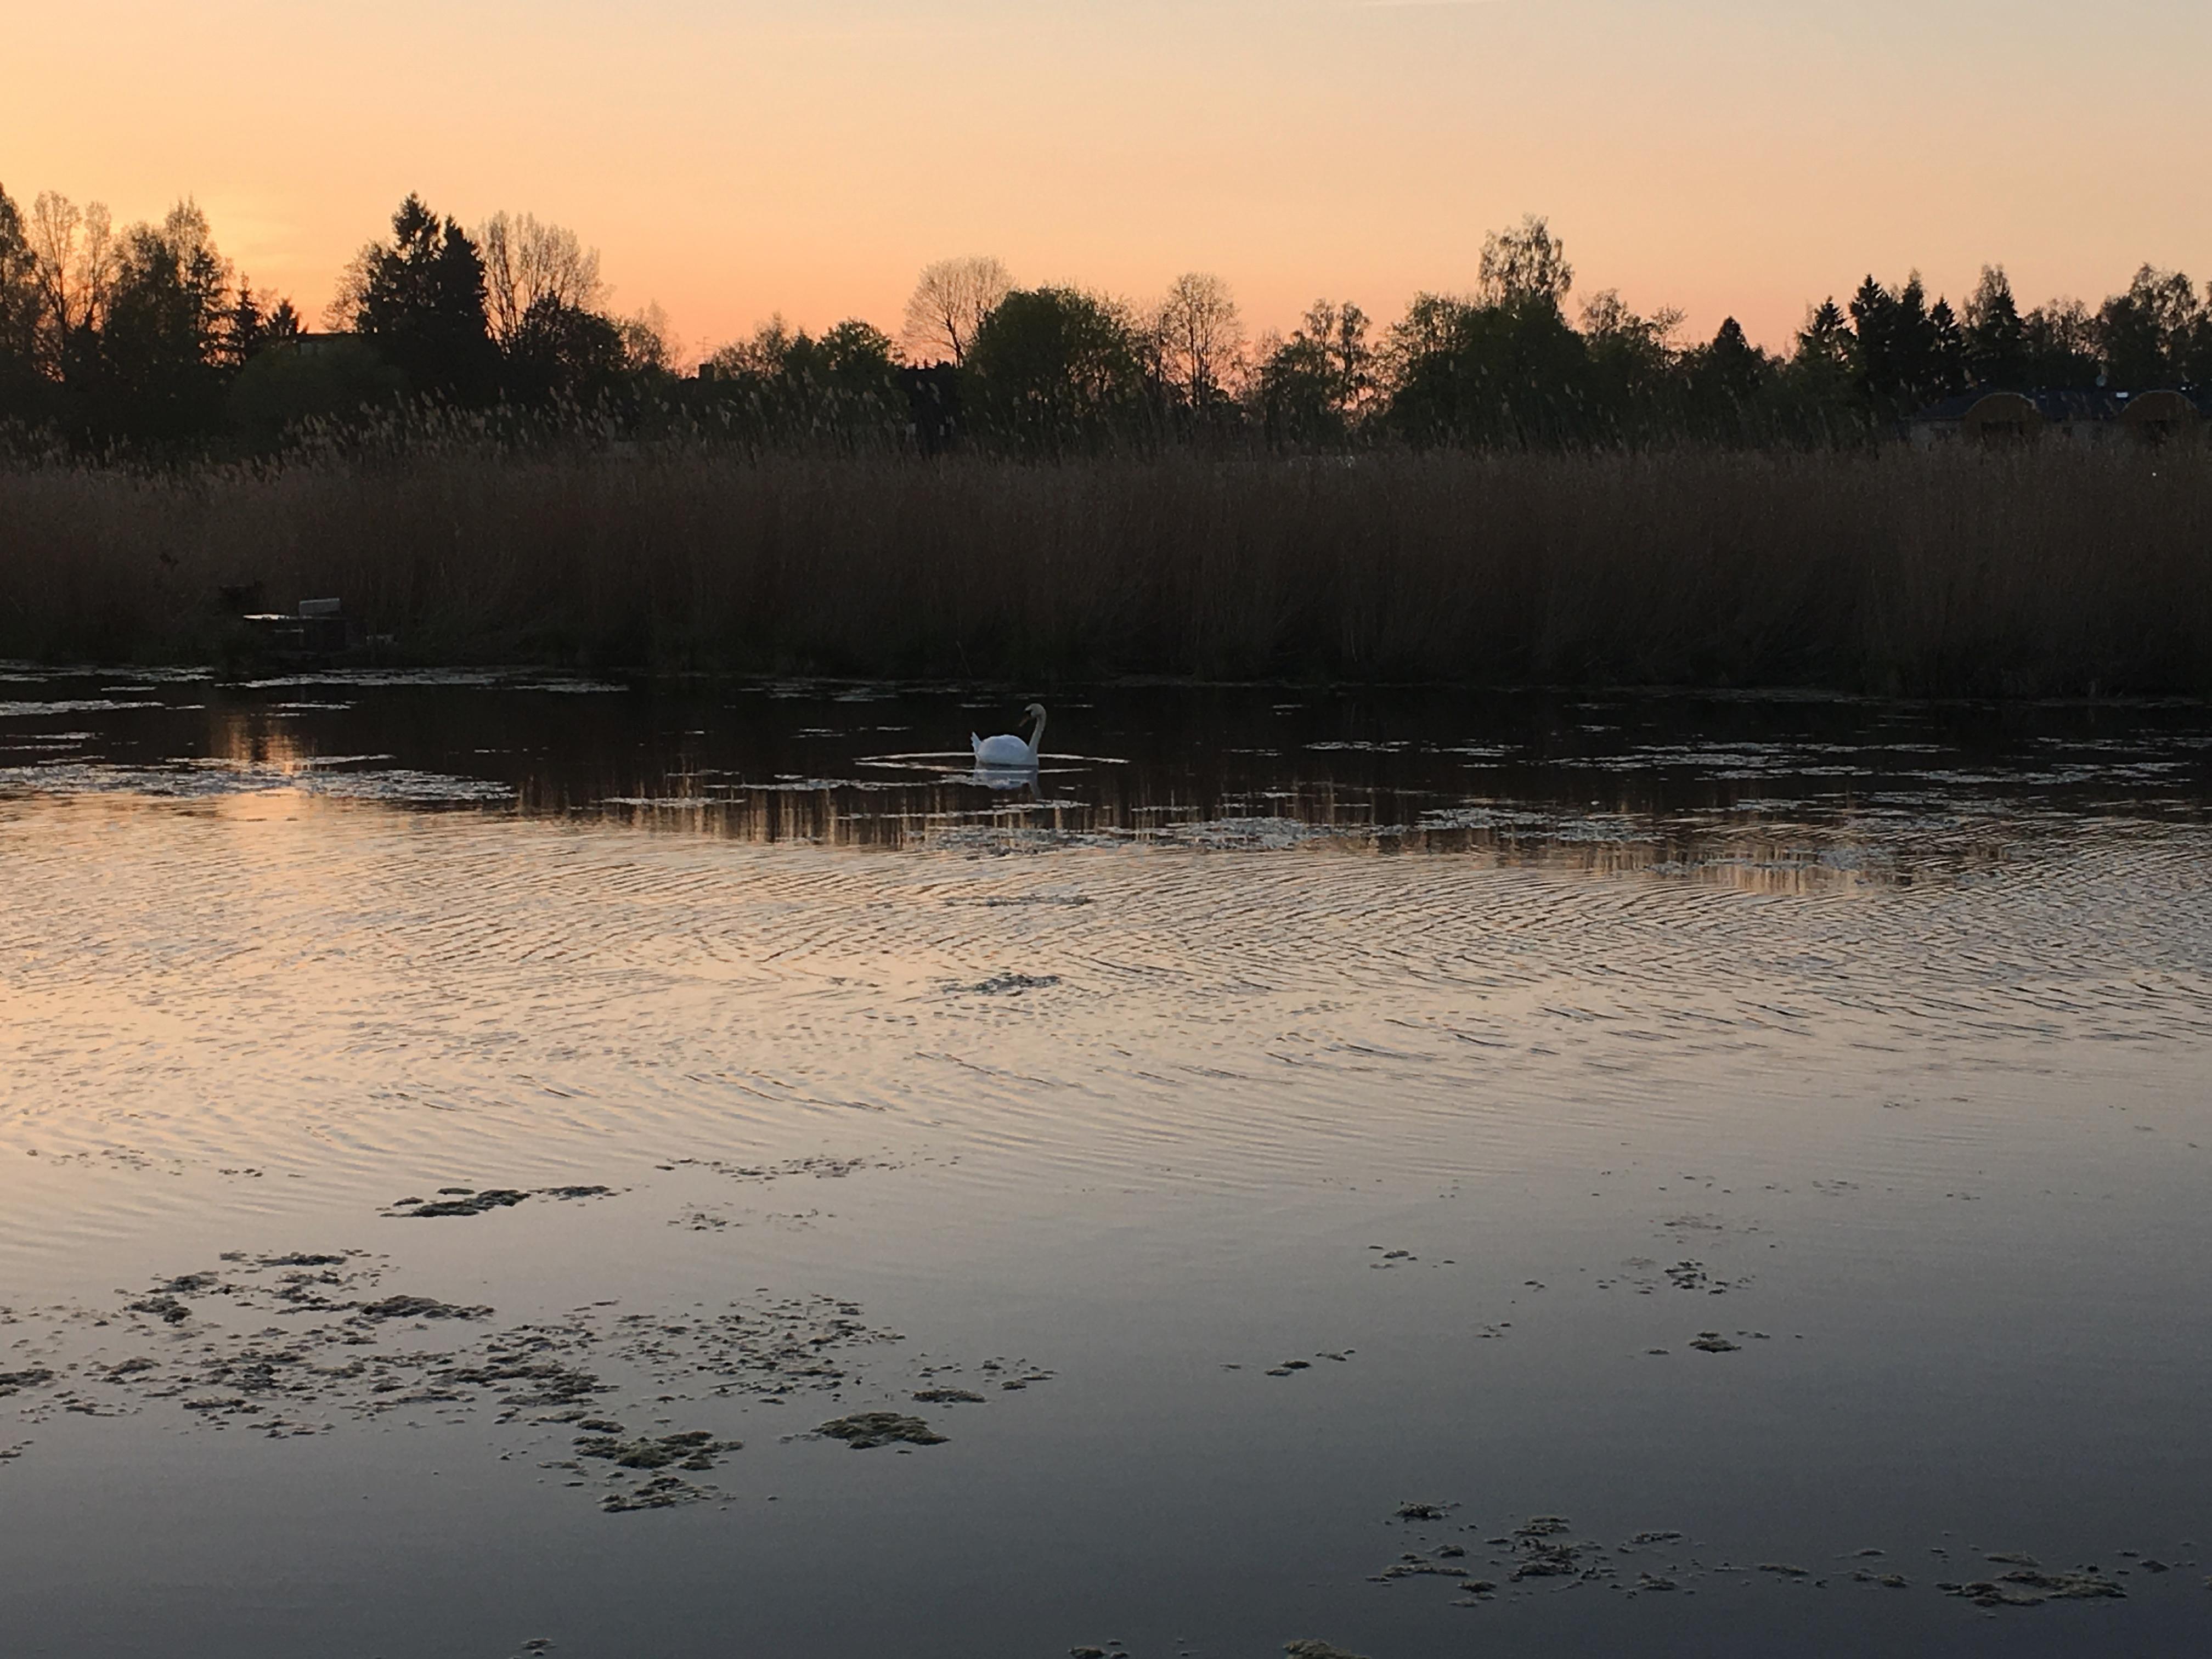 Рыбалка весна лебеди лещ май речной пейзаж юрмала лиелупе пейзажи природы Альберт Сафиуллин